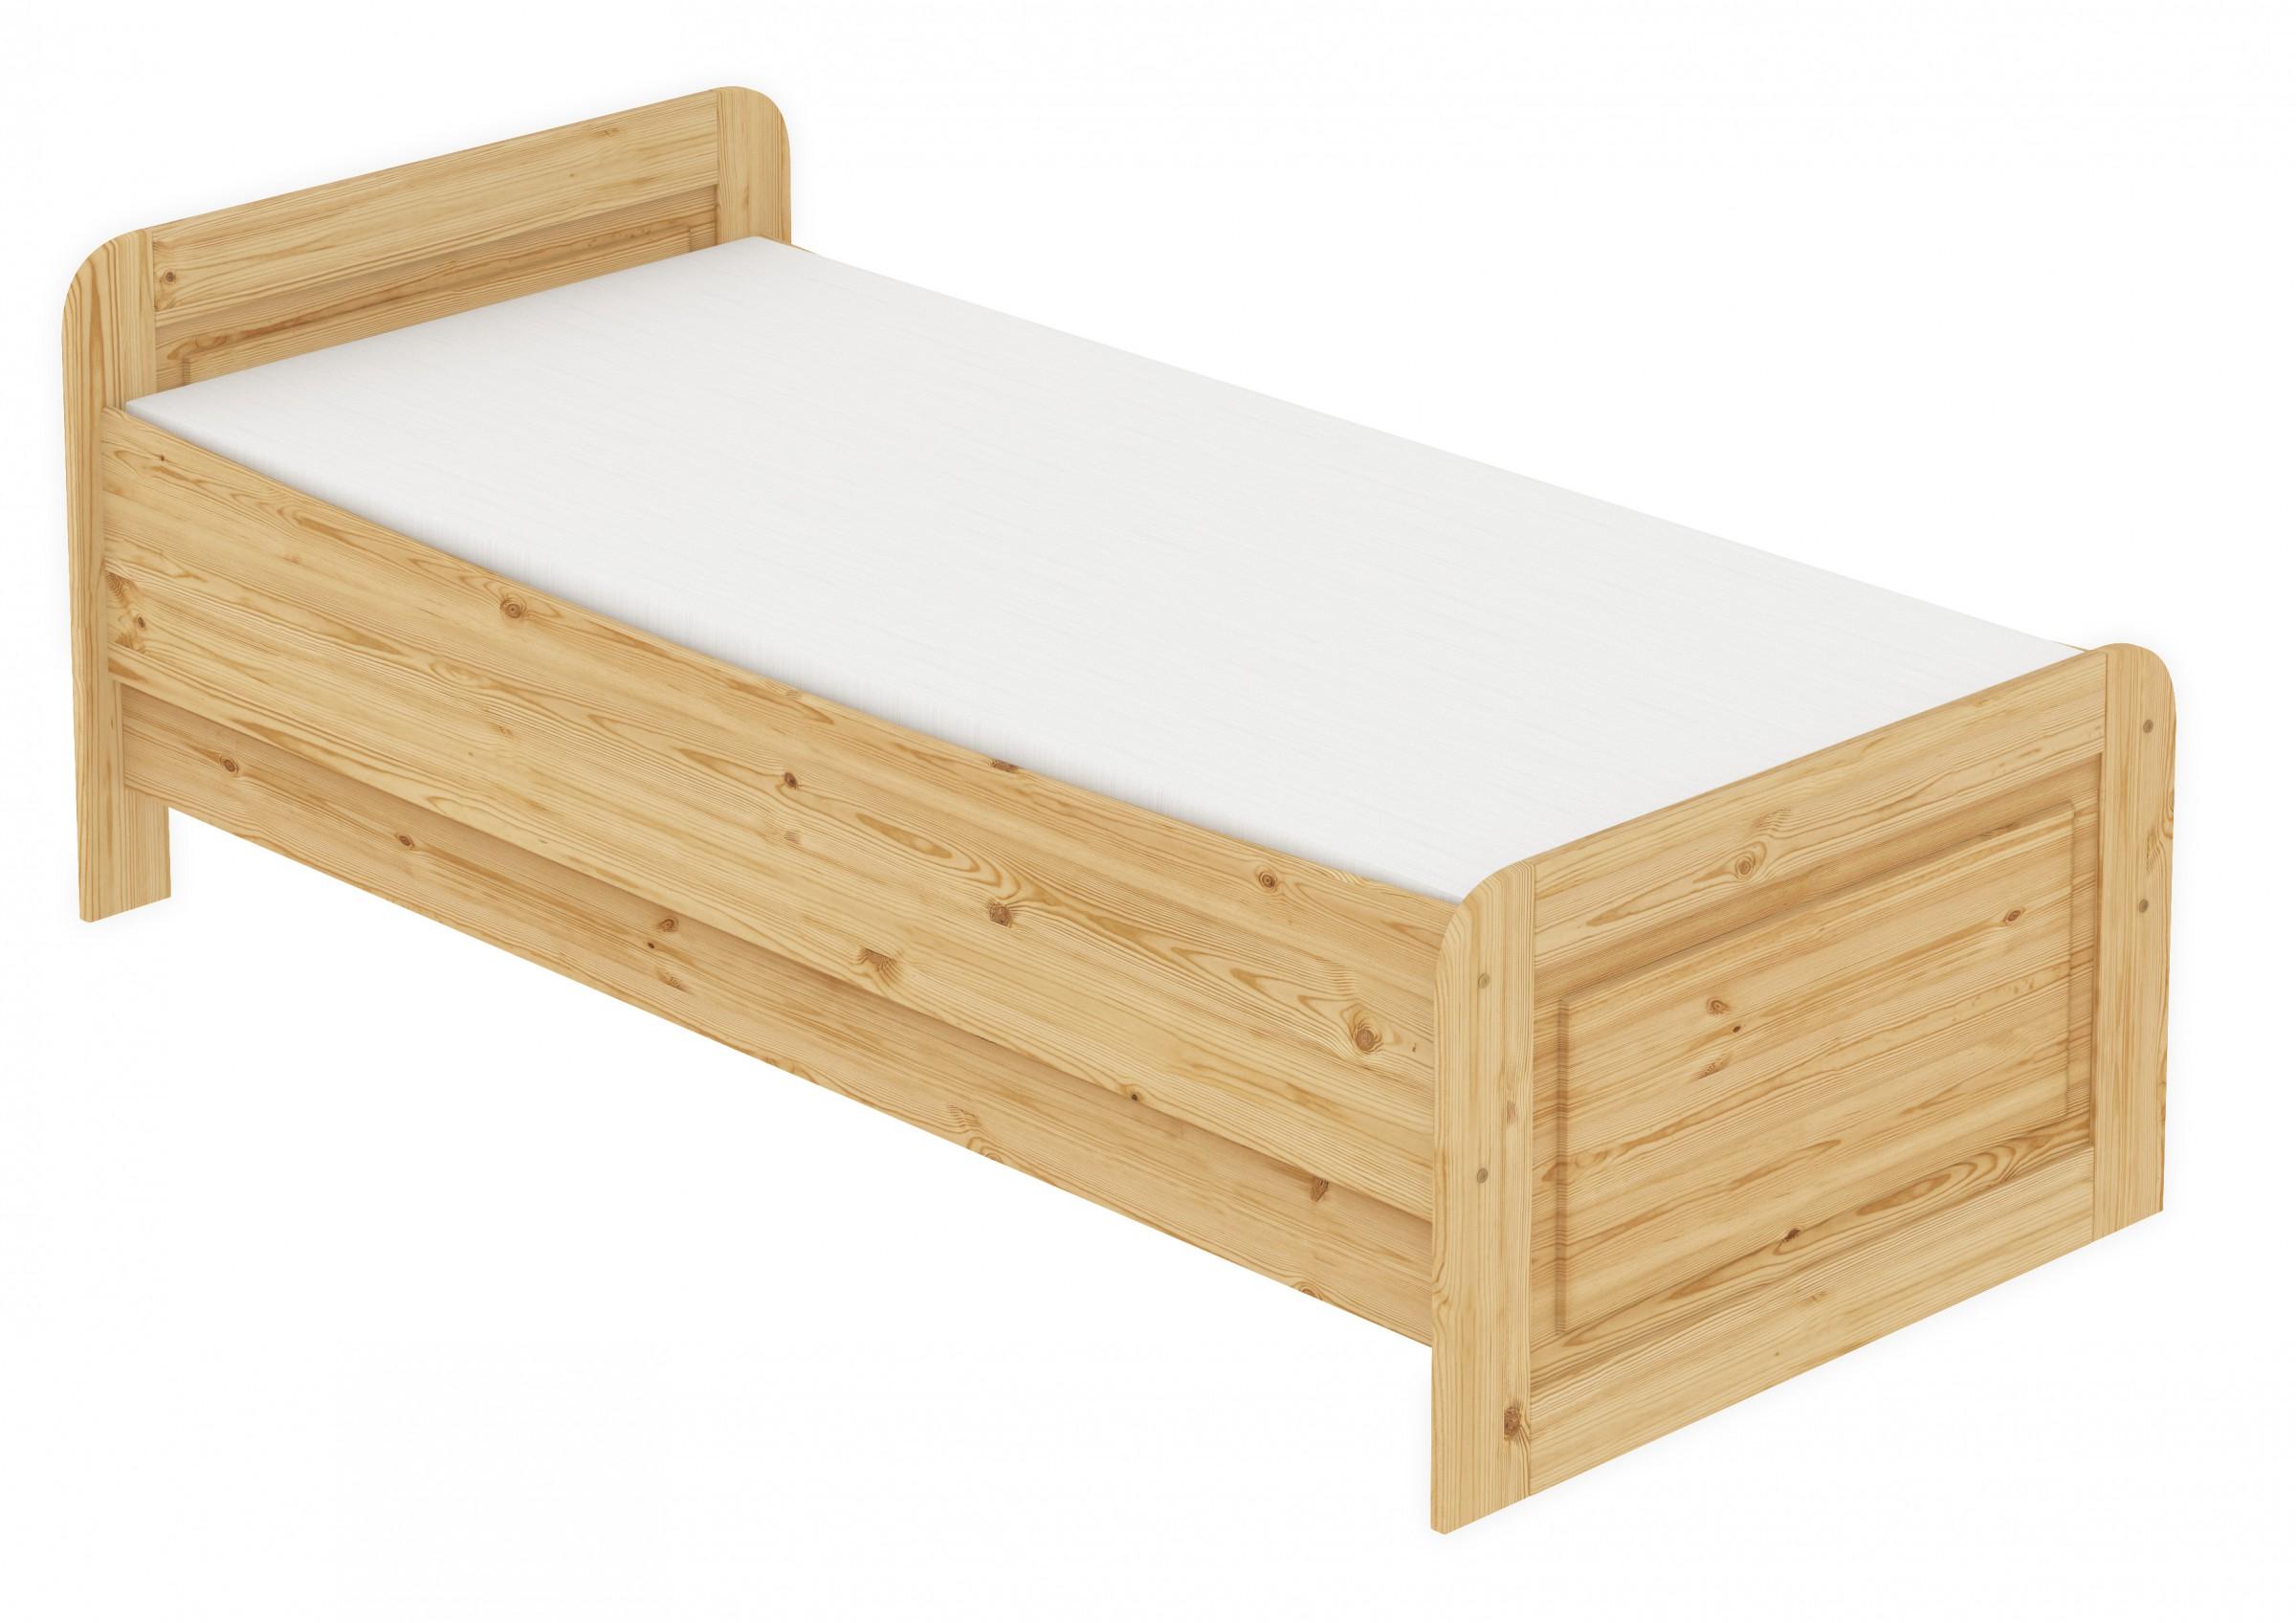 Letto per anziani extra alto 120x200 letto singolo griglia a rullo materasso ebay - Letto 120 x 200 ...